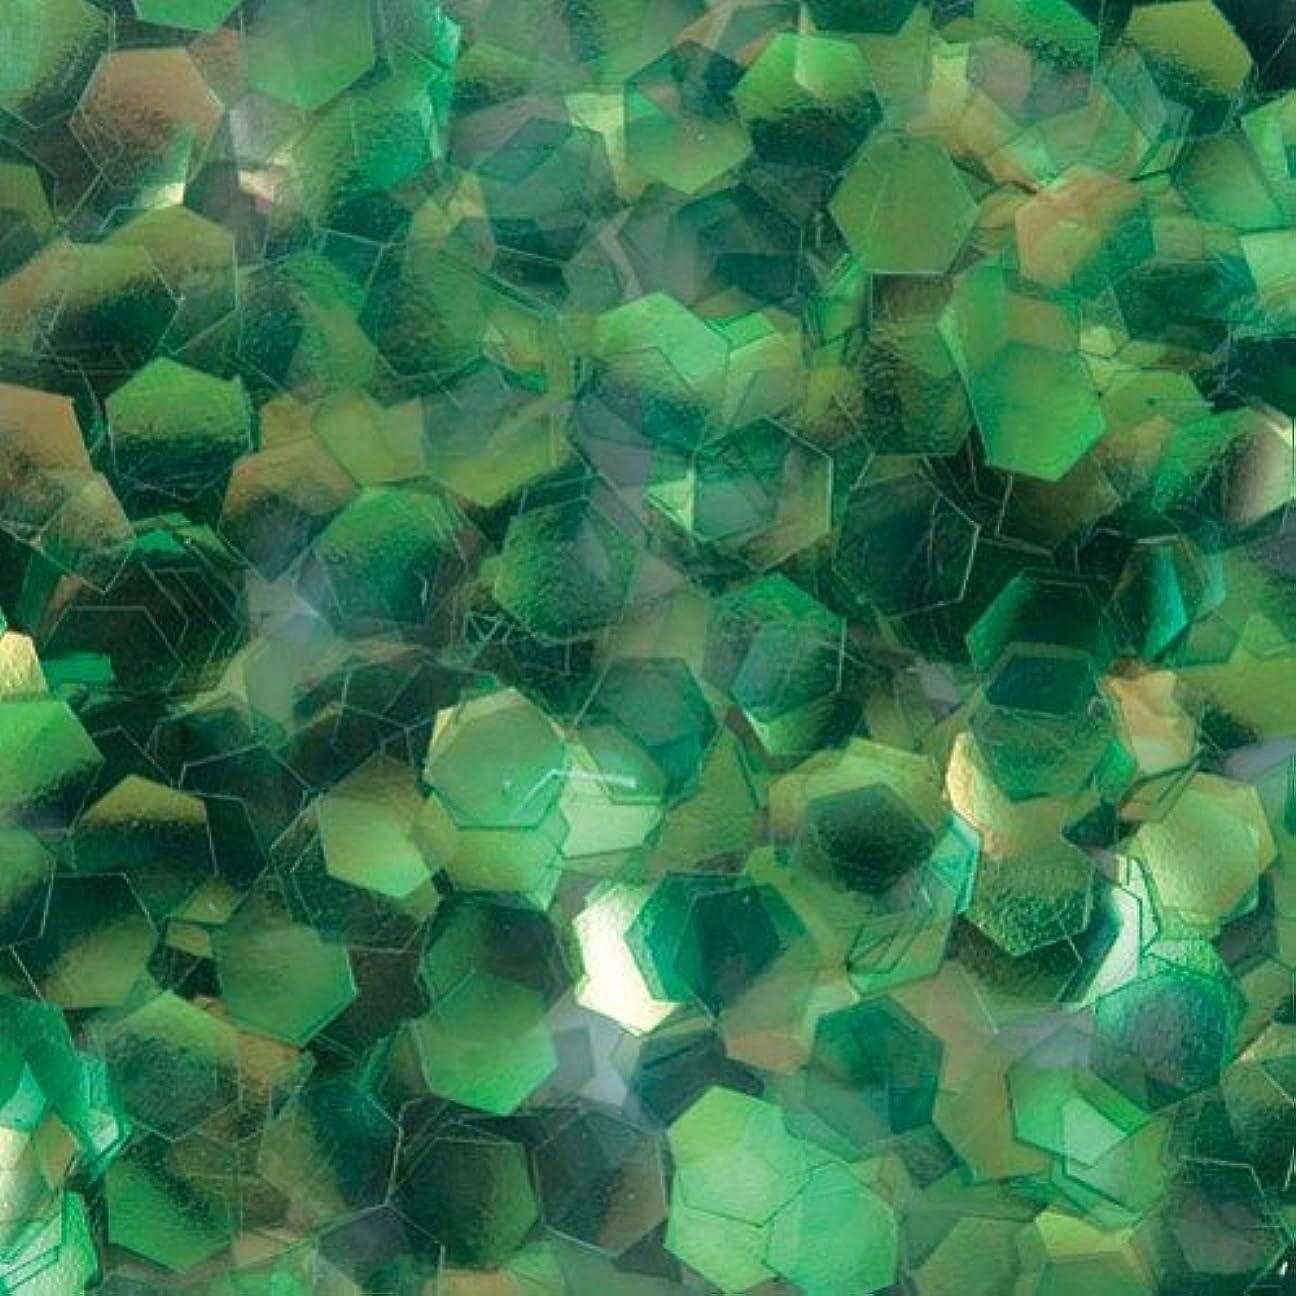 クレデンシャルミルククリスチャンピカエース ネイル用パウダー 六角オーロラG 2.5mm #330 グリーン 0.5g